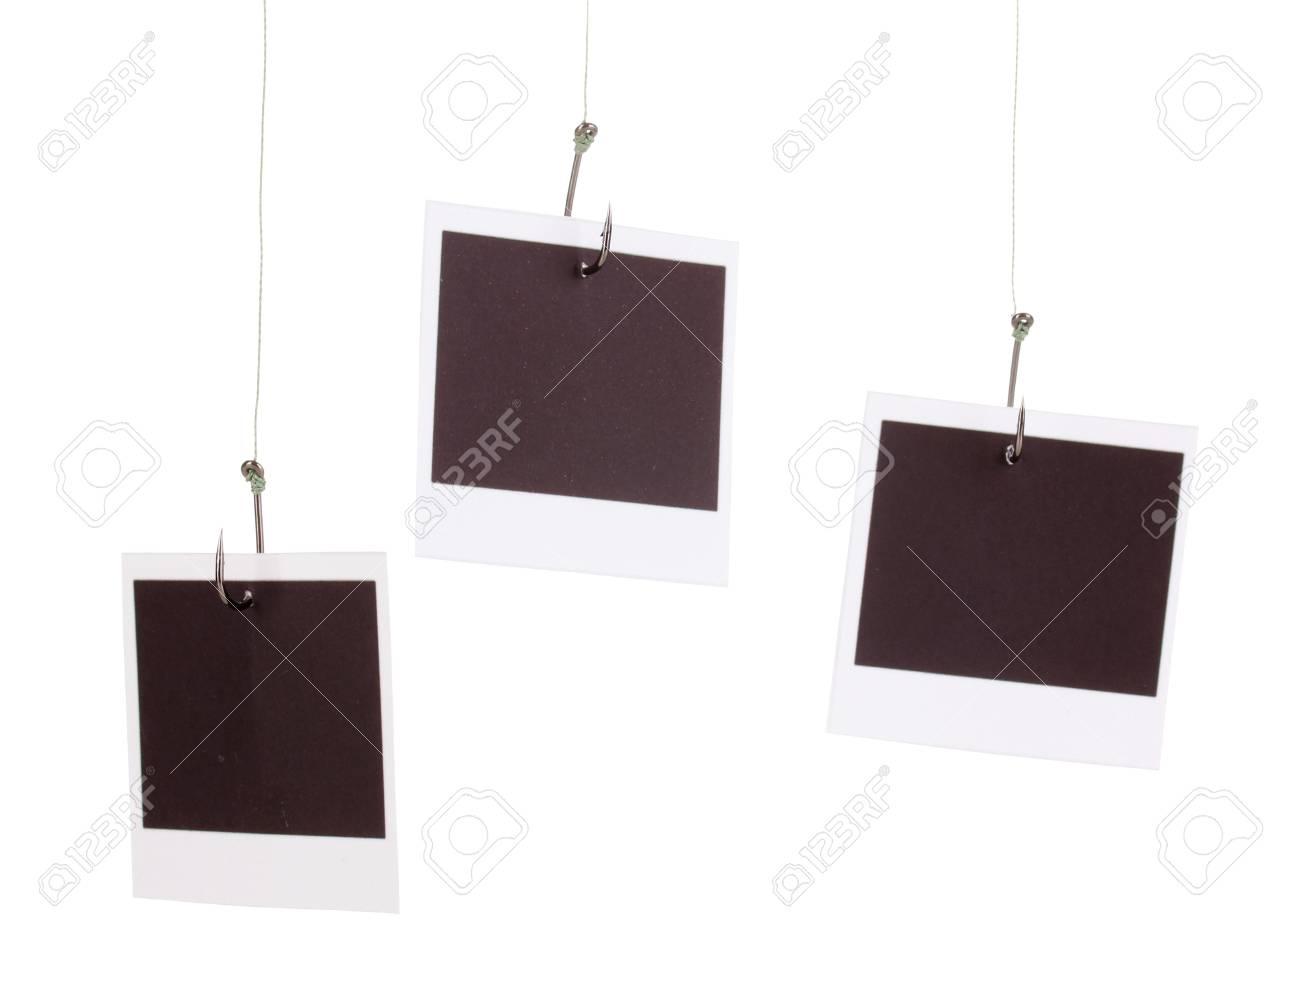 Photos on fish hooks isolated on white Stock Photo - 13223272